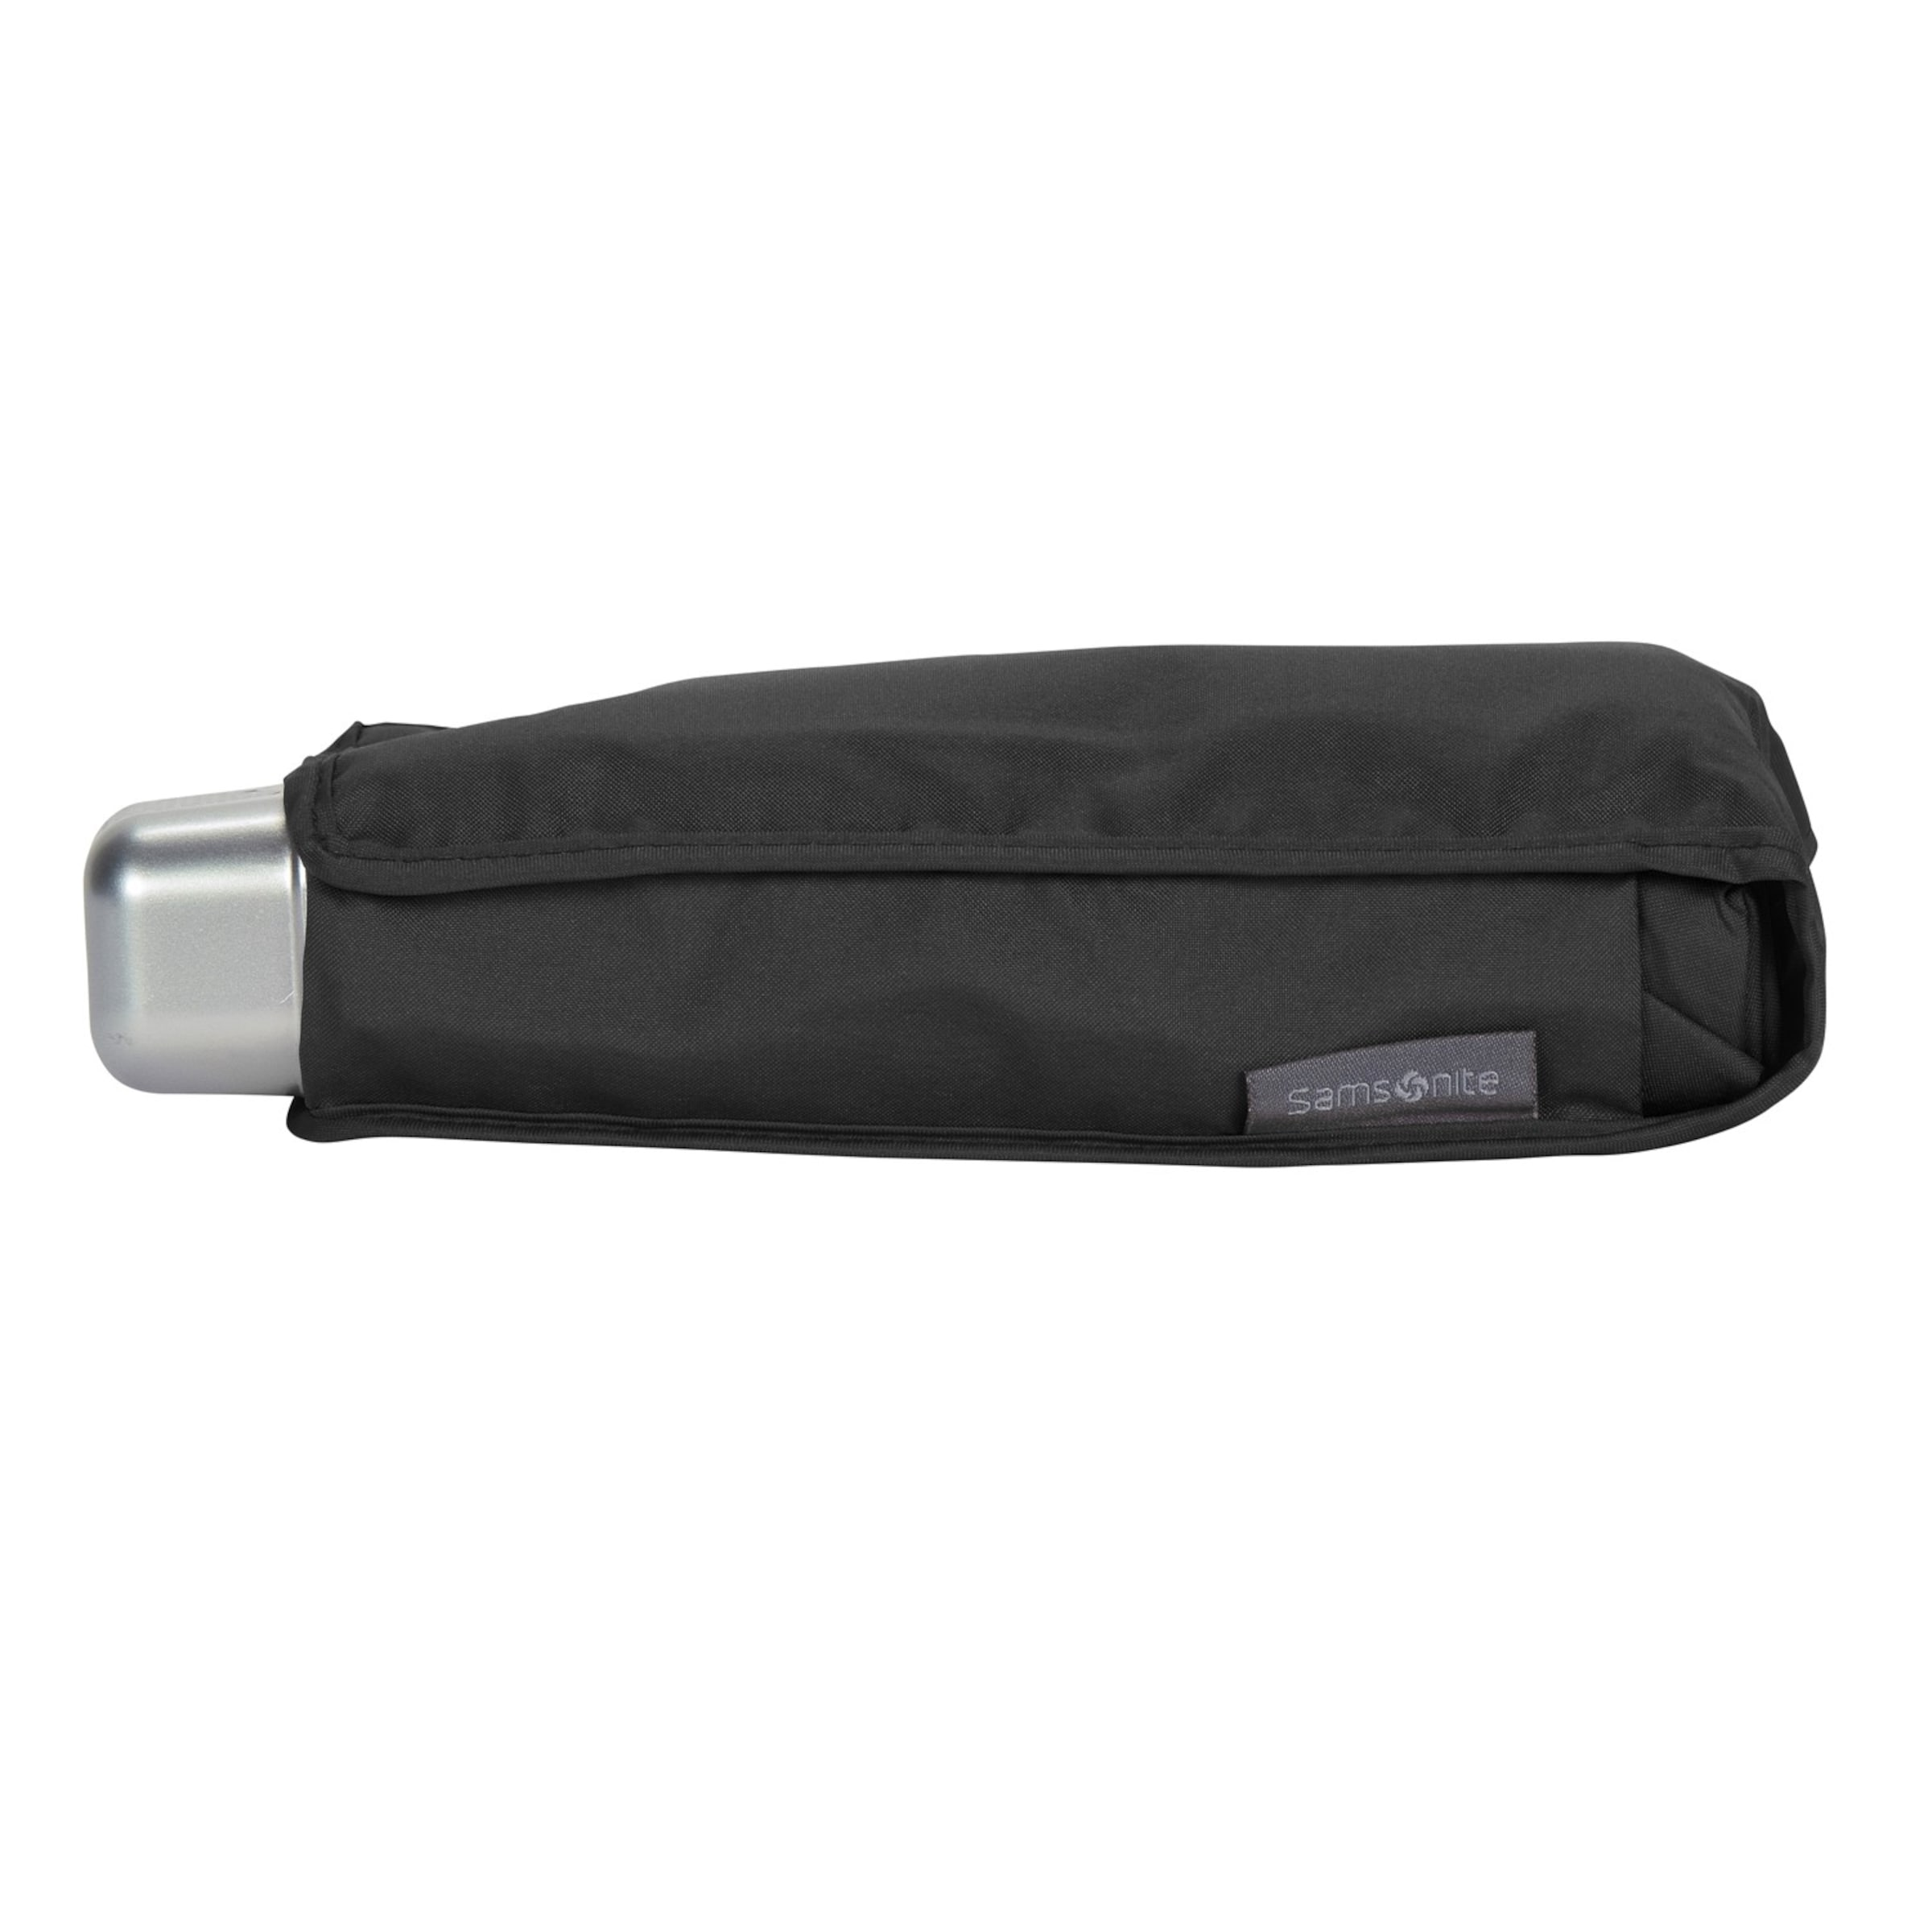 SAMSONITE Accessories Taschenschirm Supermini 17 cm Aus Deutschland Niedrig Versandkosten Geniue Händler Günstig Online 8CYrmb